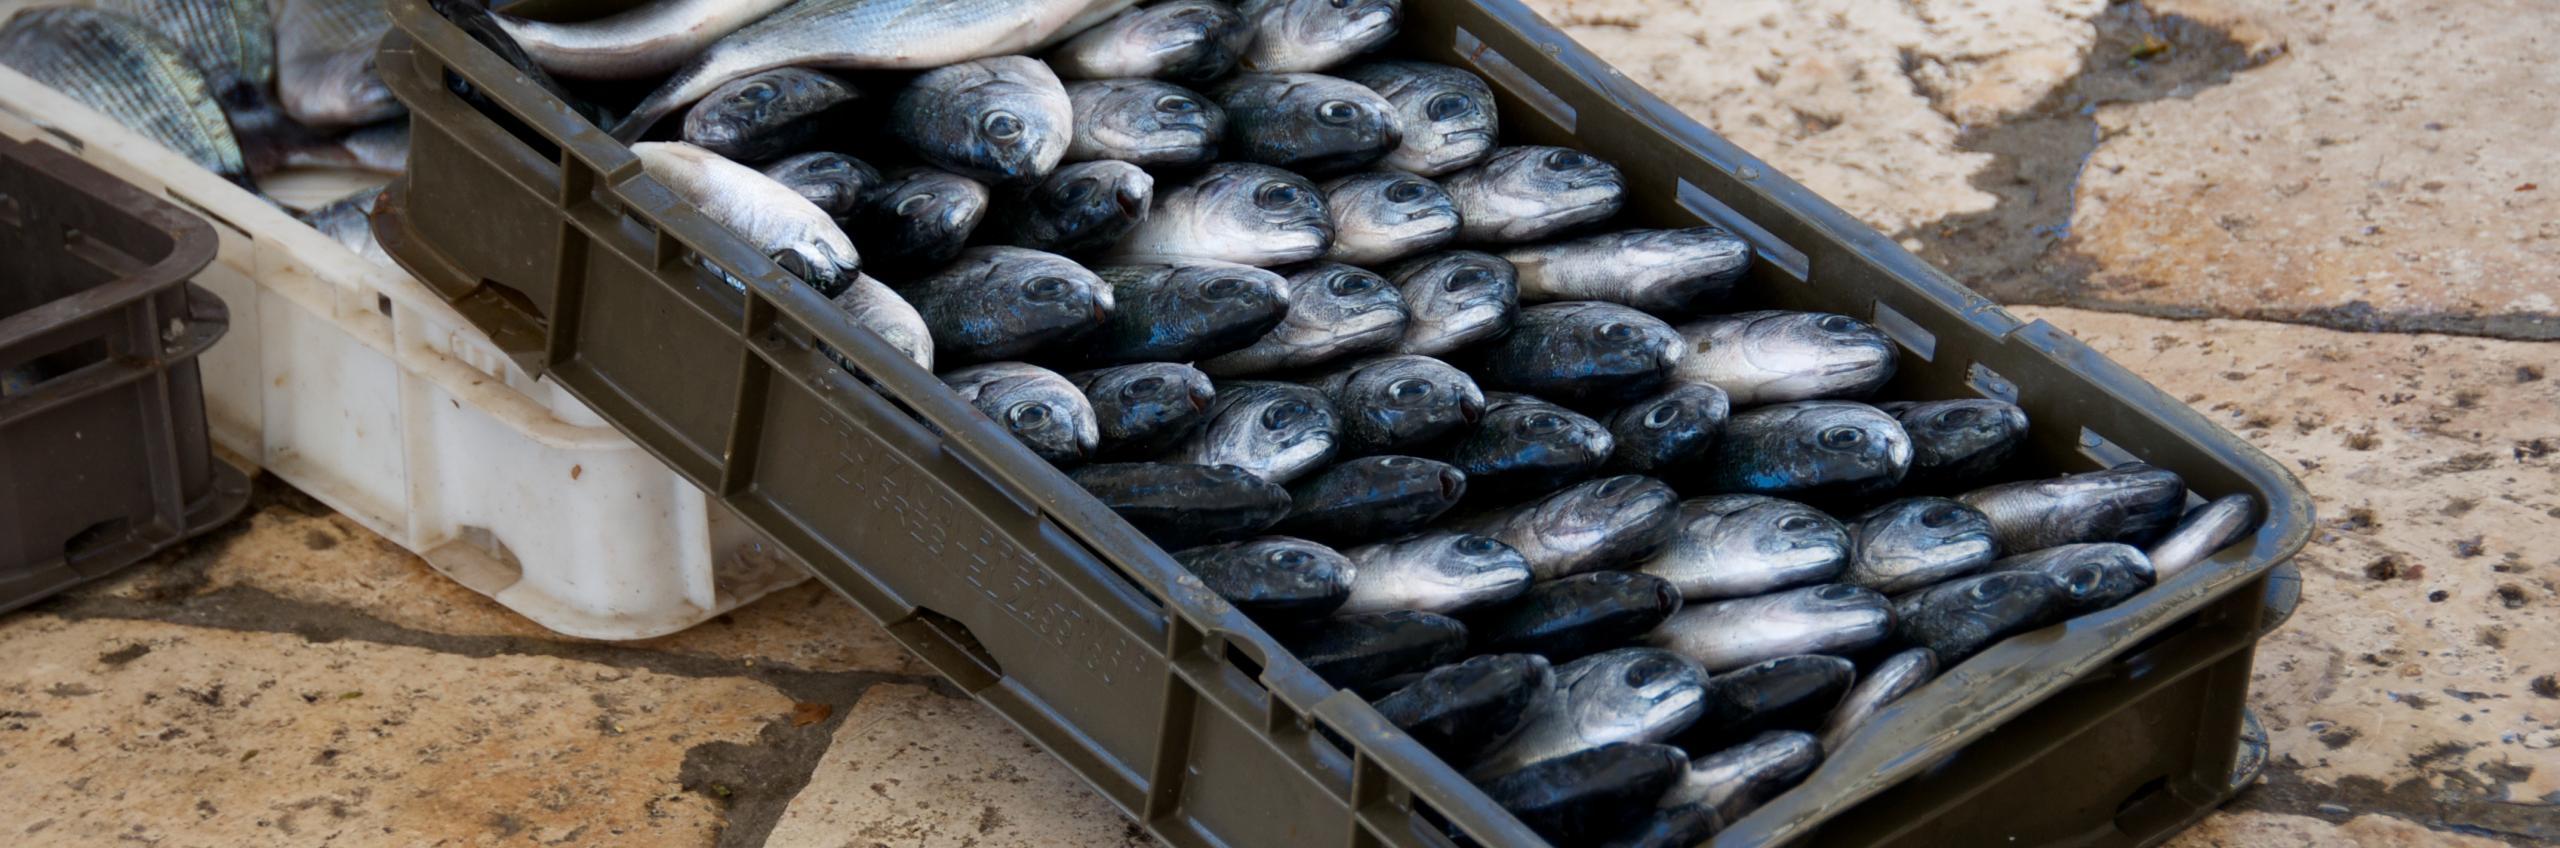 Croatia: Daily fresh fish